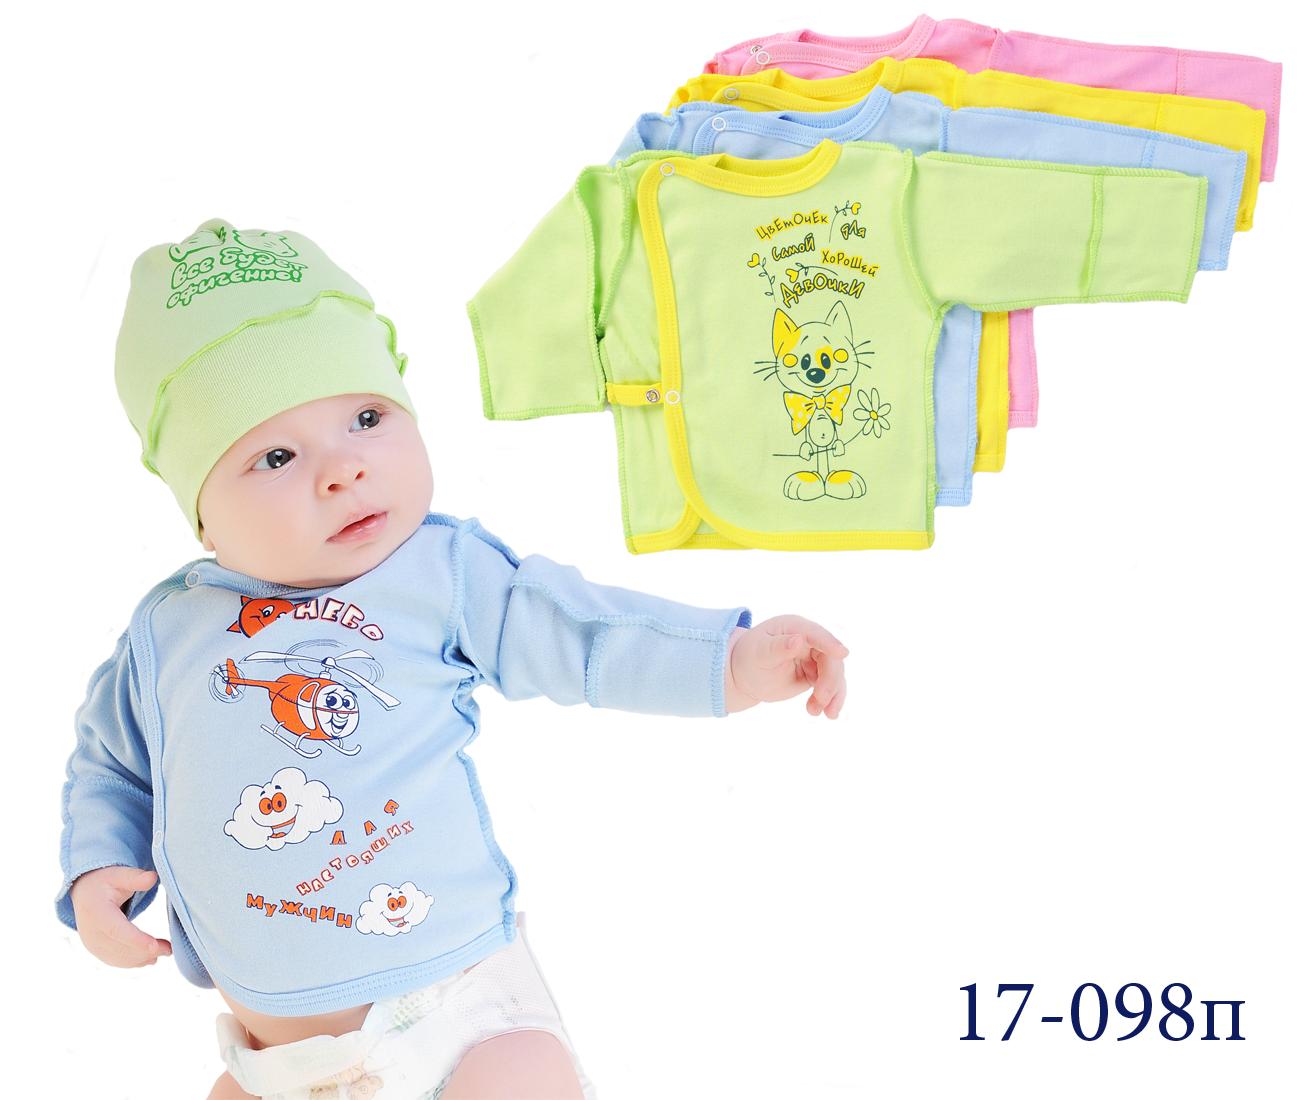 Широкий ассортимент детского и ясельного трикотажа от 0 до 11 лет. Есть все в т.ч.пеленки, комплекты на выписку.Цены смешные, качество на высоте.